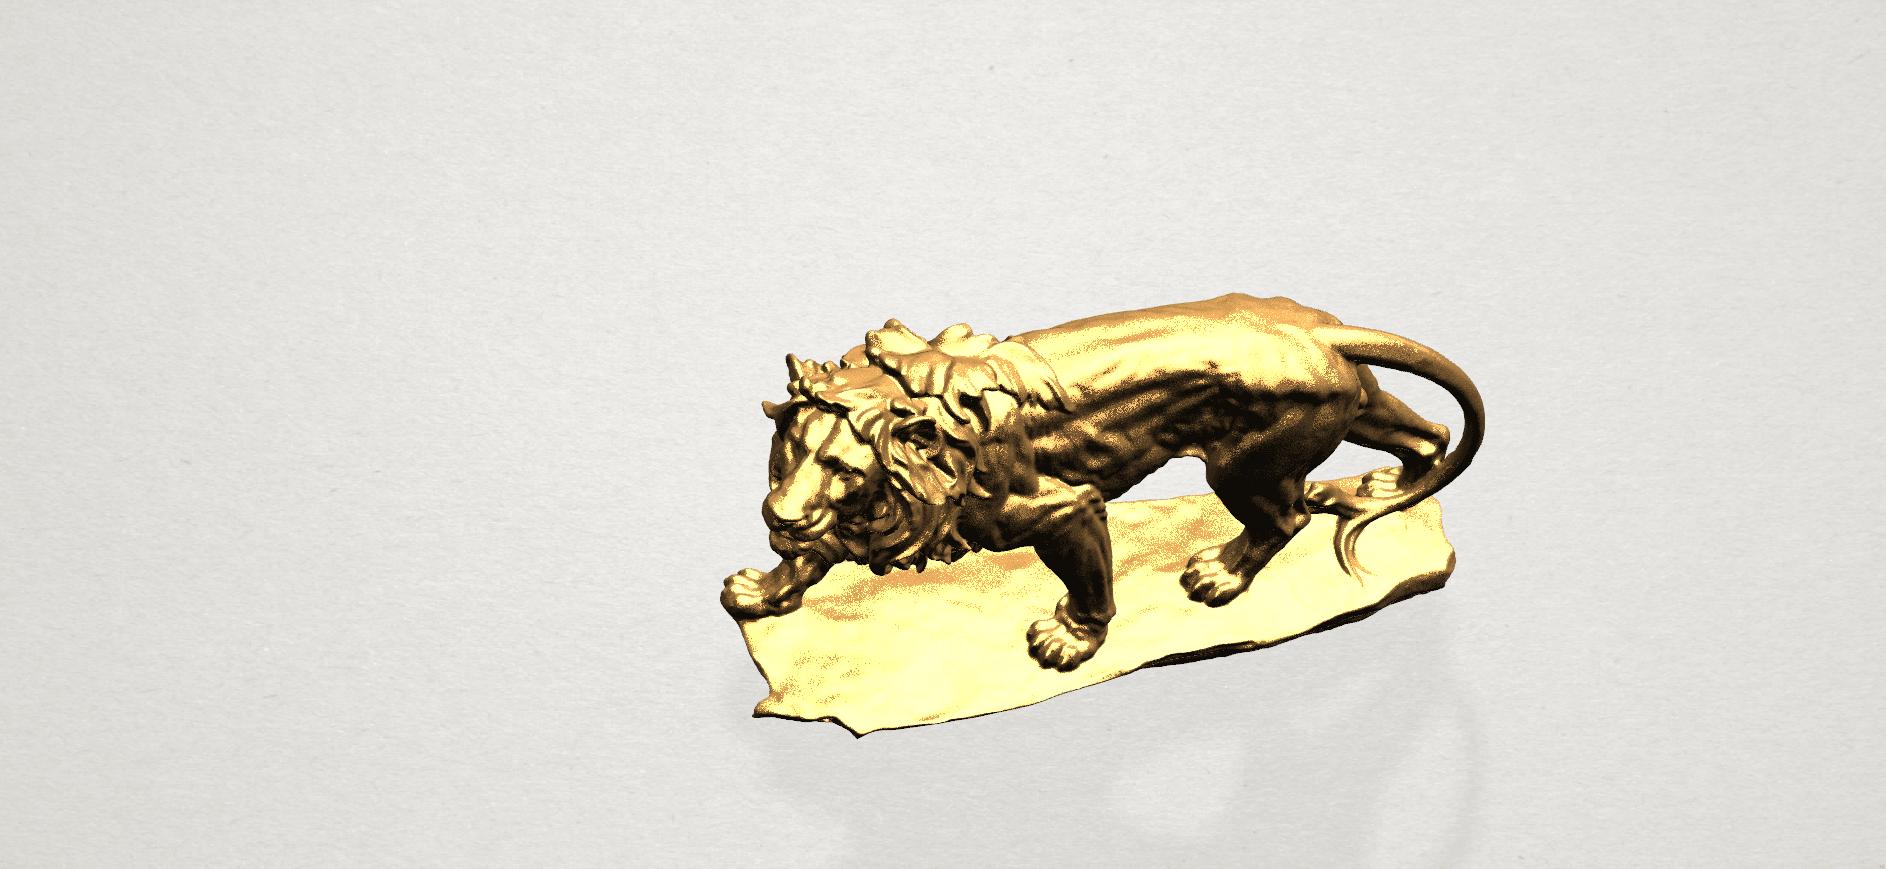 Lion (ii) -50mm-B06.png Télécharger fichier STL gratuit Lion 02 • Design pour impression 3D, GeorgesNikkei